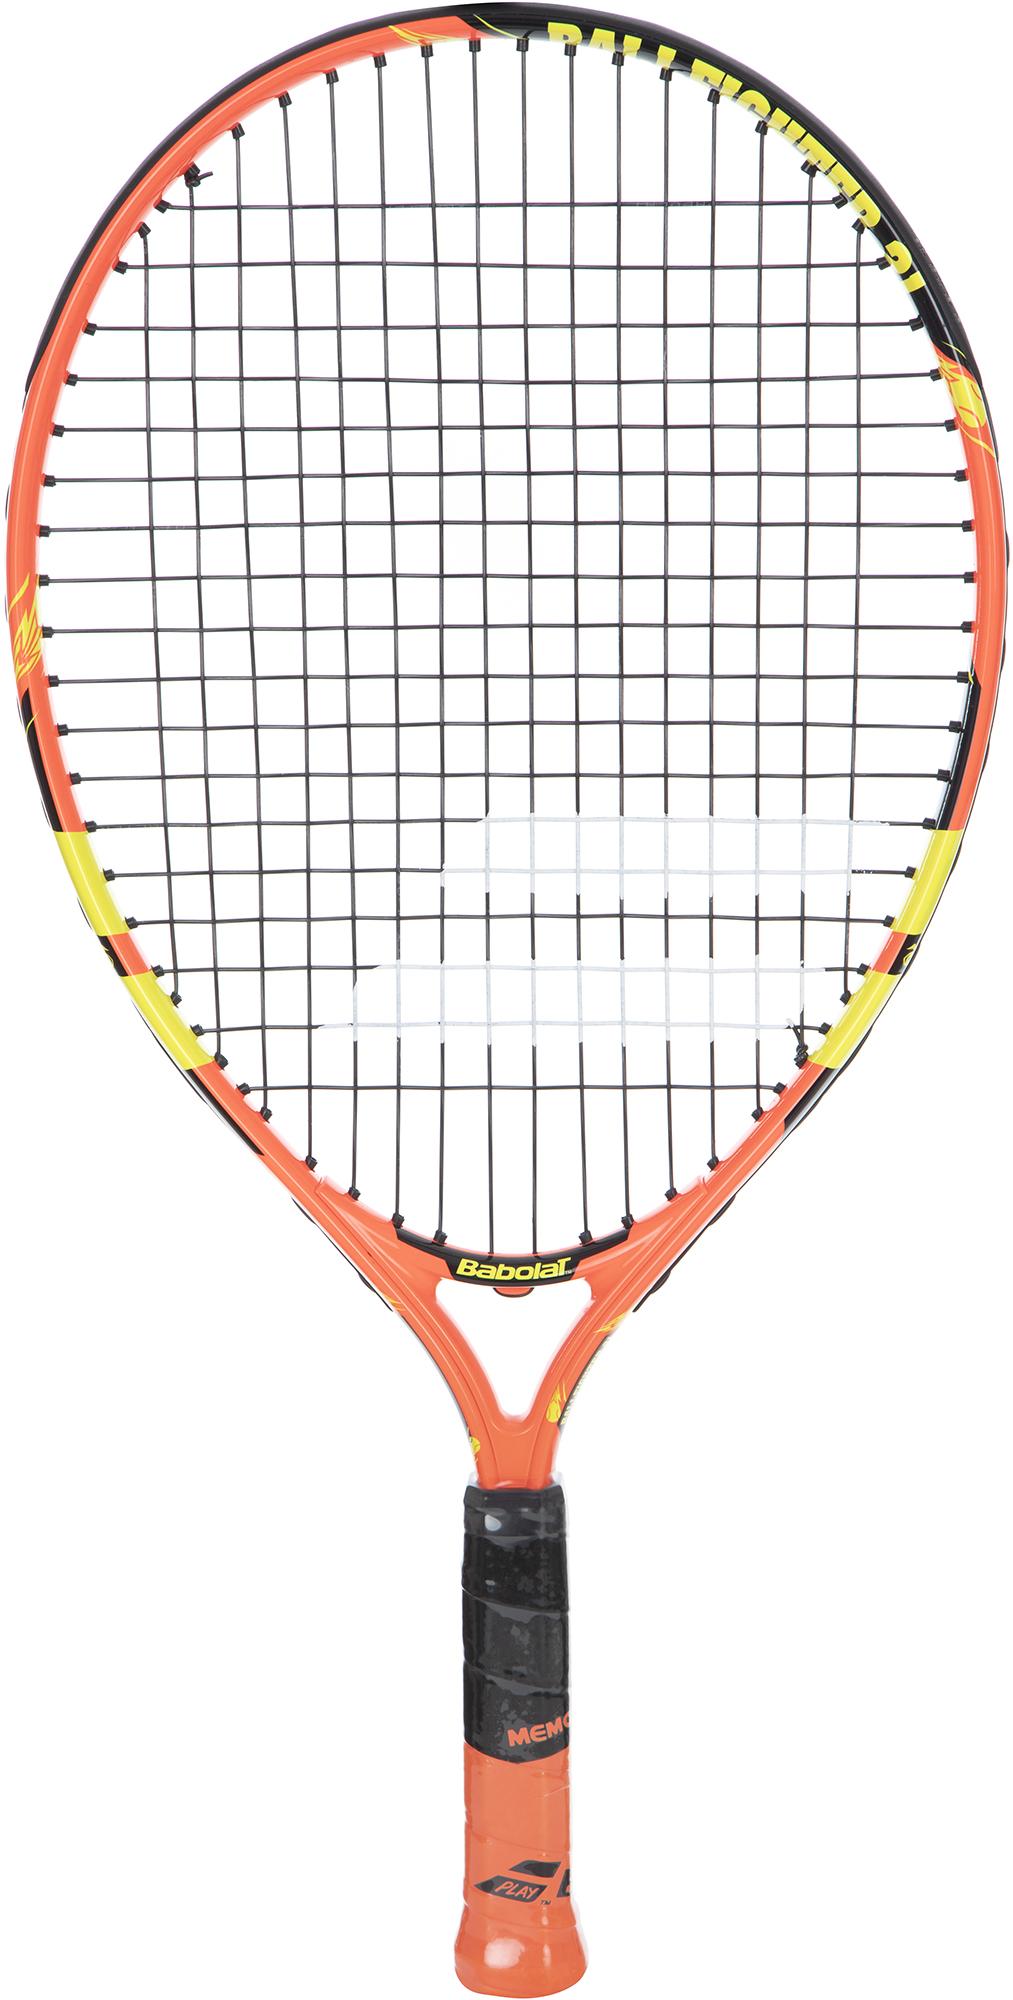 Babolat Ракетка для большого тенниса детская Babolat BALLFIGHTER 21 babolat набор мячей для большого тенниса babolat championship x3 размер без размера